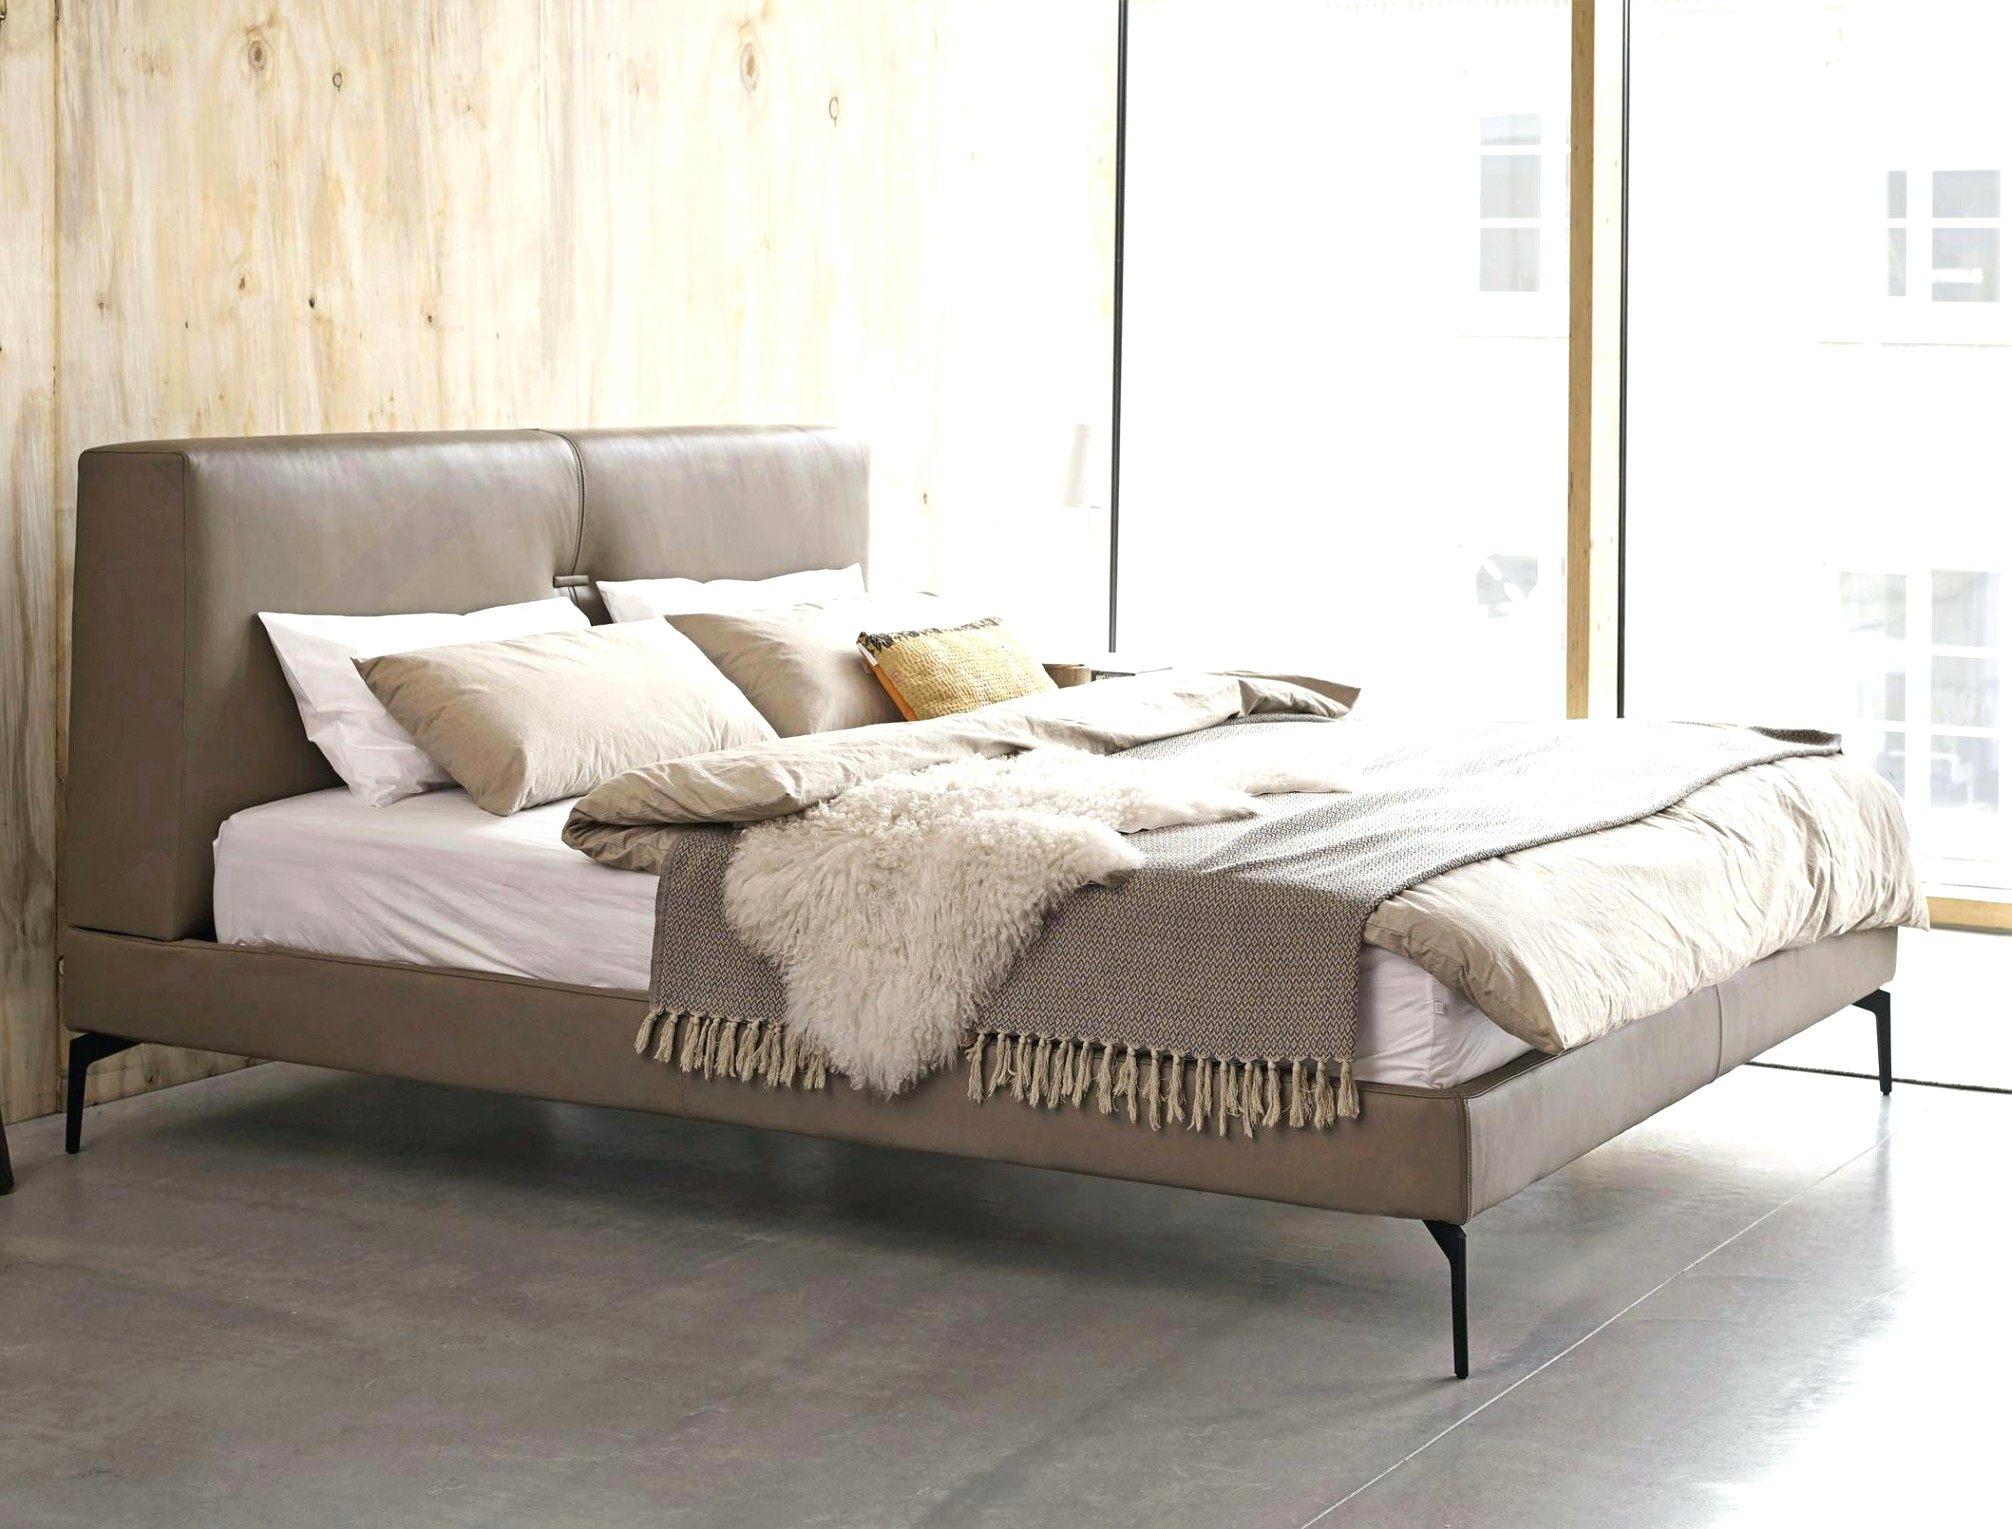 Parure De Lit 200×200 De Luxe Housse De Couette Ik A Ikea Housse De Couette 240×260 Affordable